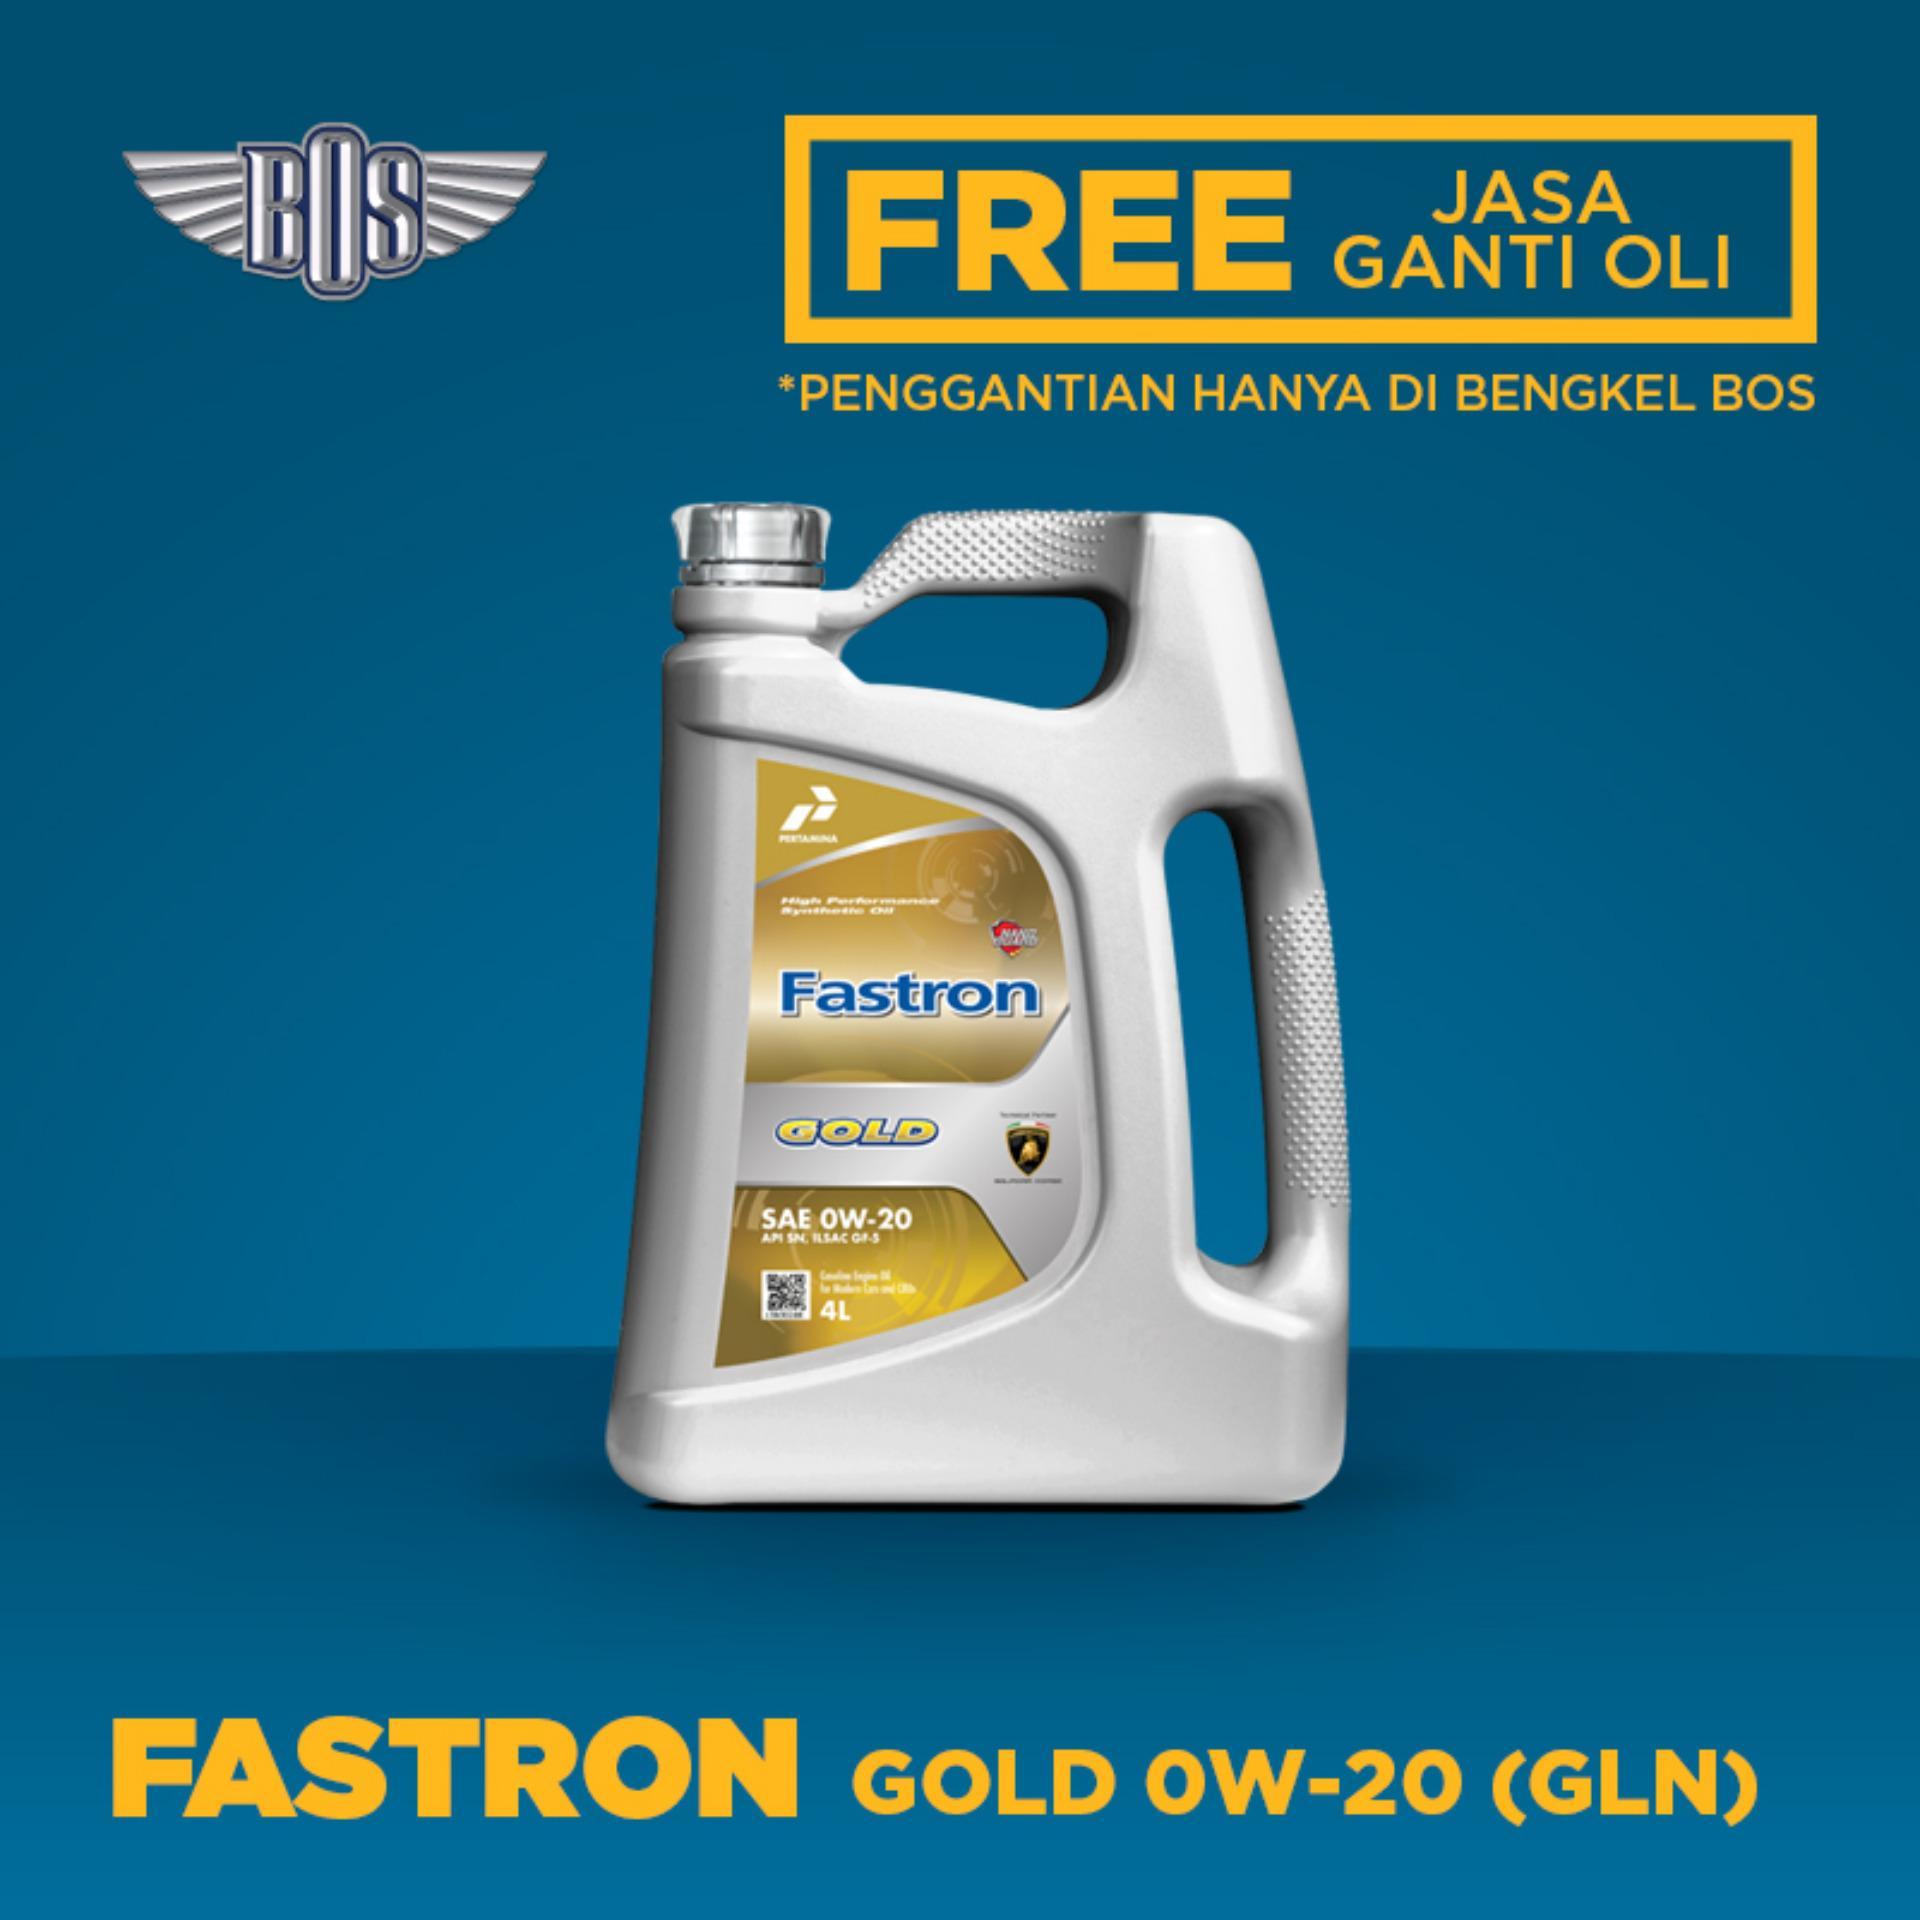 Gt Champiro Bxt Pro 185 Daftar Harga Termurah Dan Terlengkap Ban Mobil 195 65r15 Vocer Fastron Gold 0w 20 4 Liter Gratis Jasa